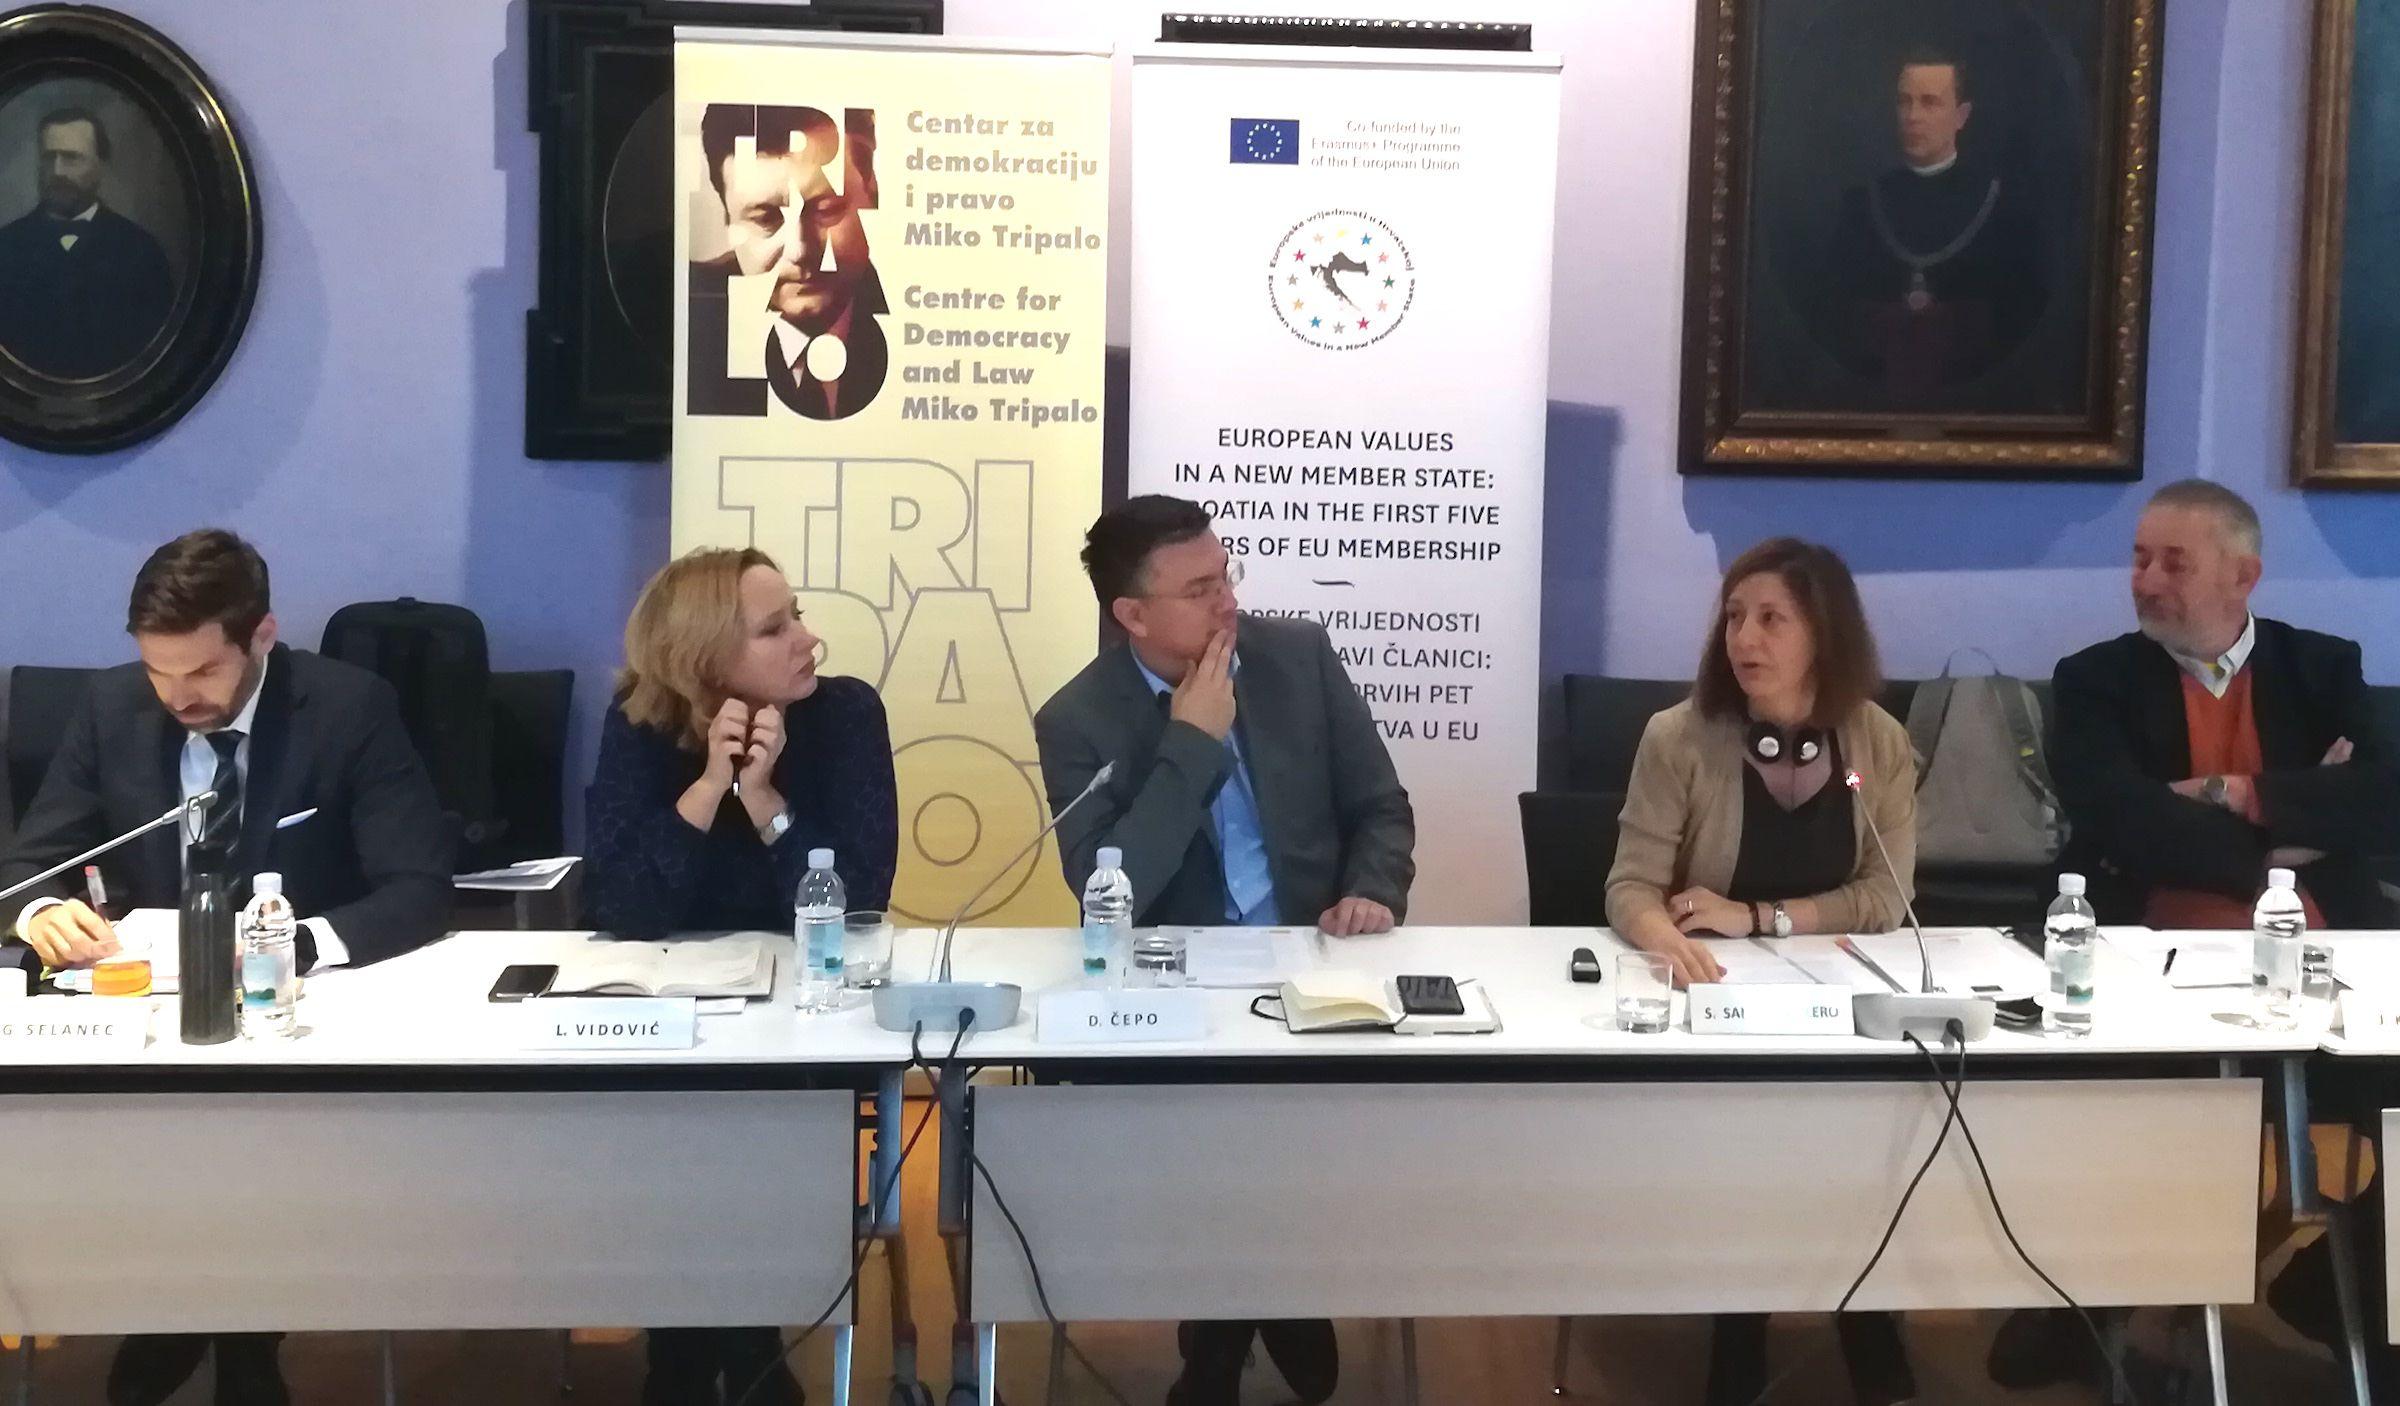 Goran Selanec (Juez del TC de Croacia), Lora Vidovic (defensora del pueblo de Croacia), Dario Cepo (del Centro Miko Tripalo), Susana Sanz (CEU UCH) y Josip Kregar (Universidad de Zagreb).